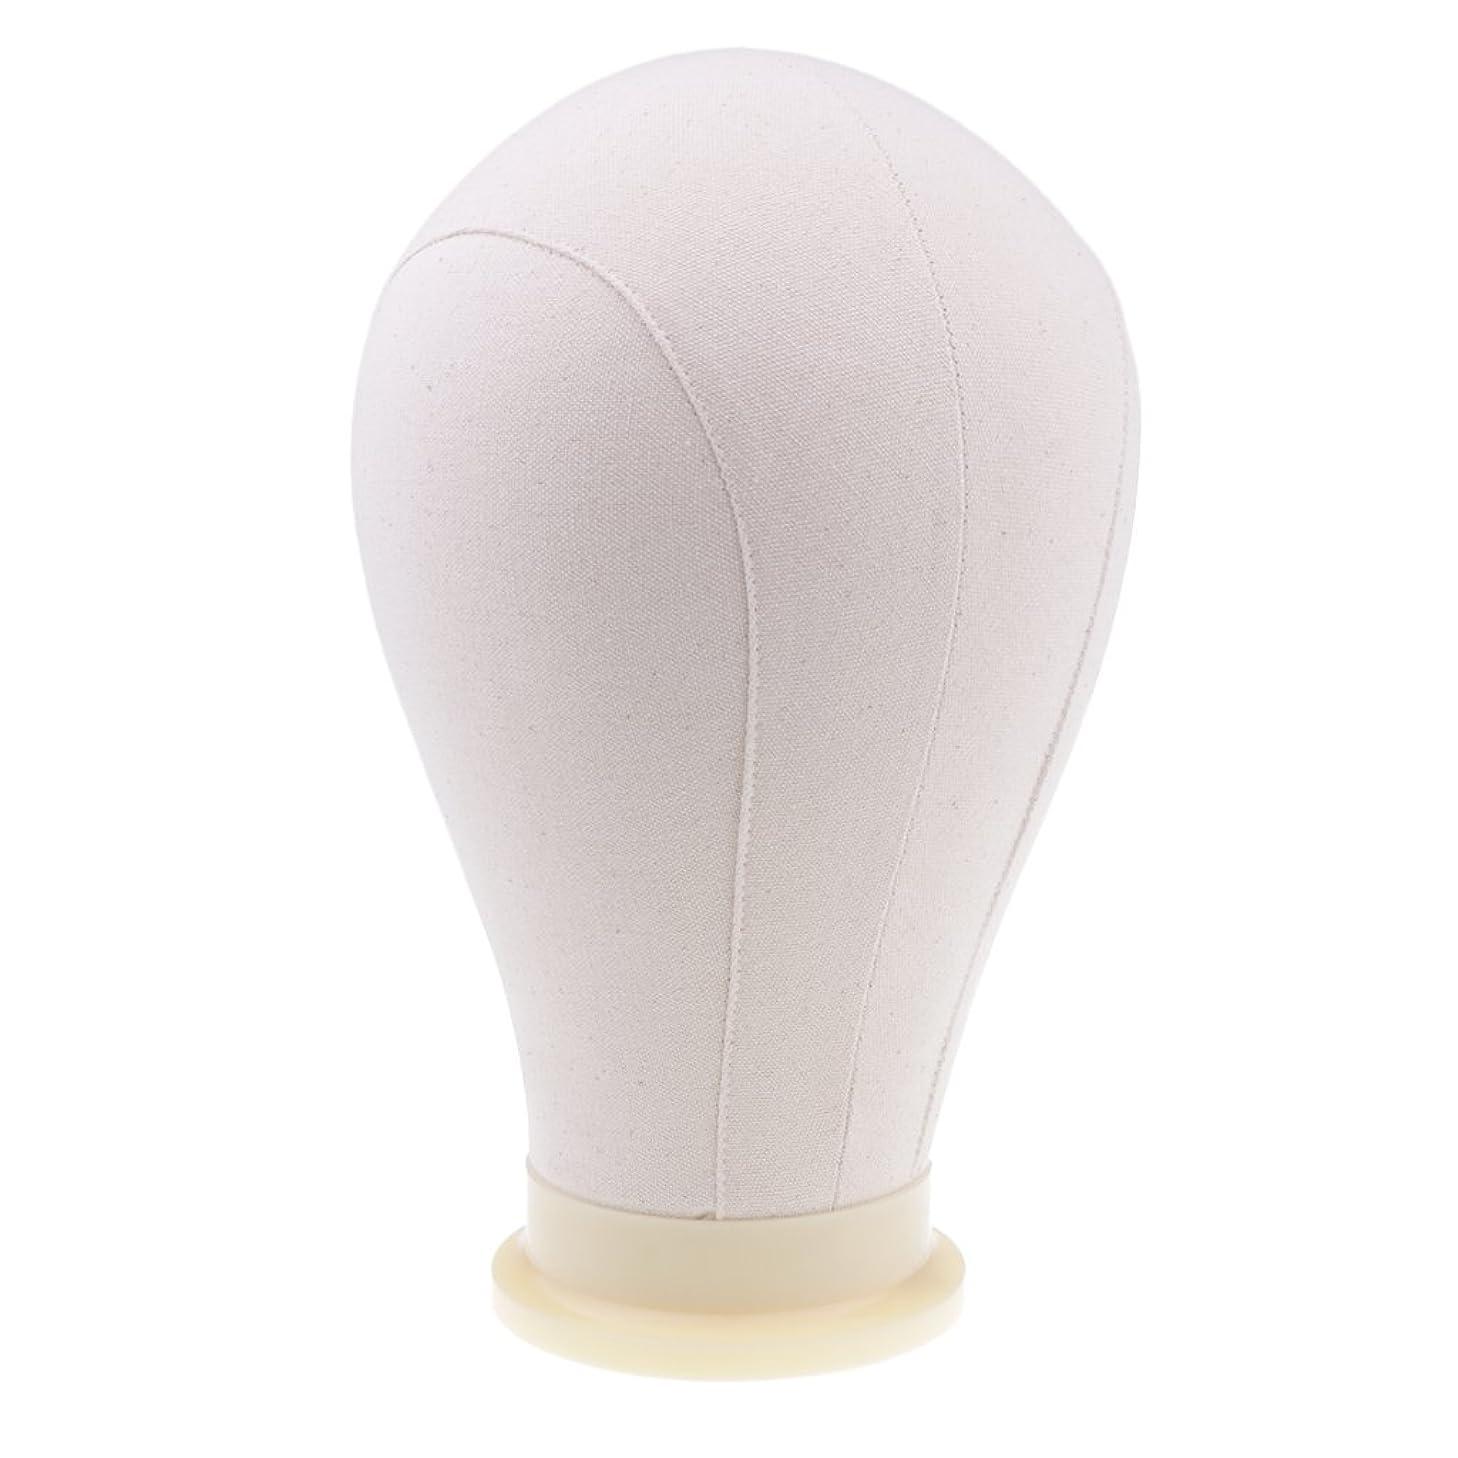 シットコム慢な委員長DYNWAVE かつら 帽子 ディスプレイ キャンバスブロック マネキンヘッド 帽子作り ピン付き 4サイズ - 24インチ